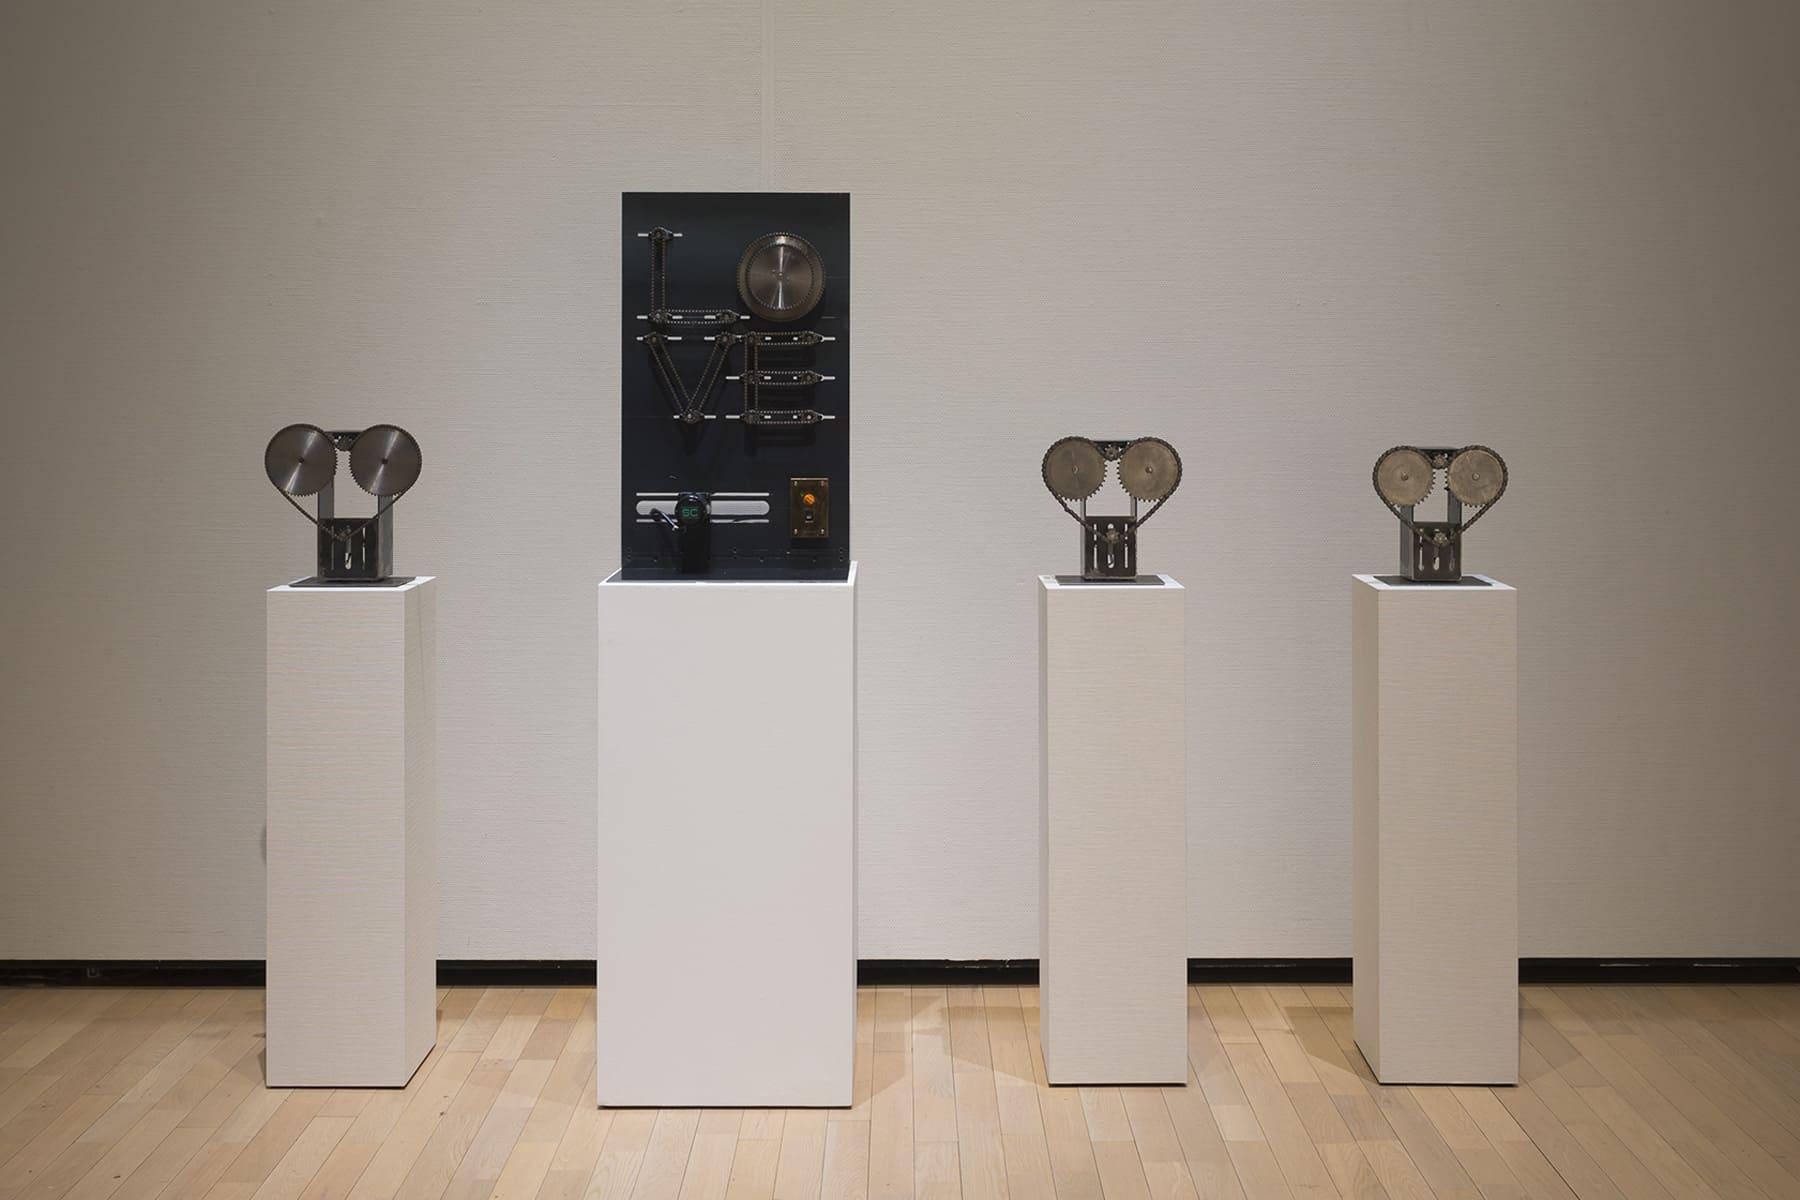 開館15周年記念展 「TARO賞の作家Ⅱ」 川崎市岡本太郎美術館(神奈川)